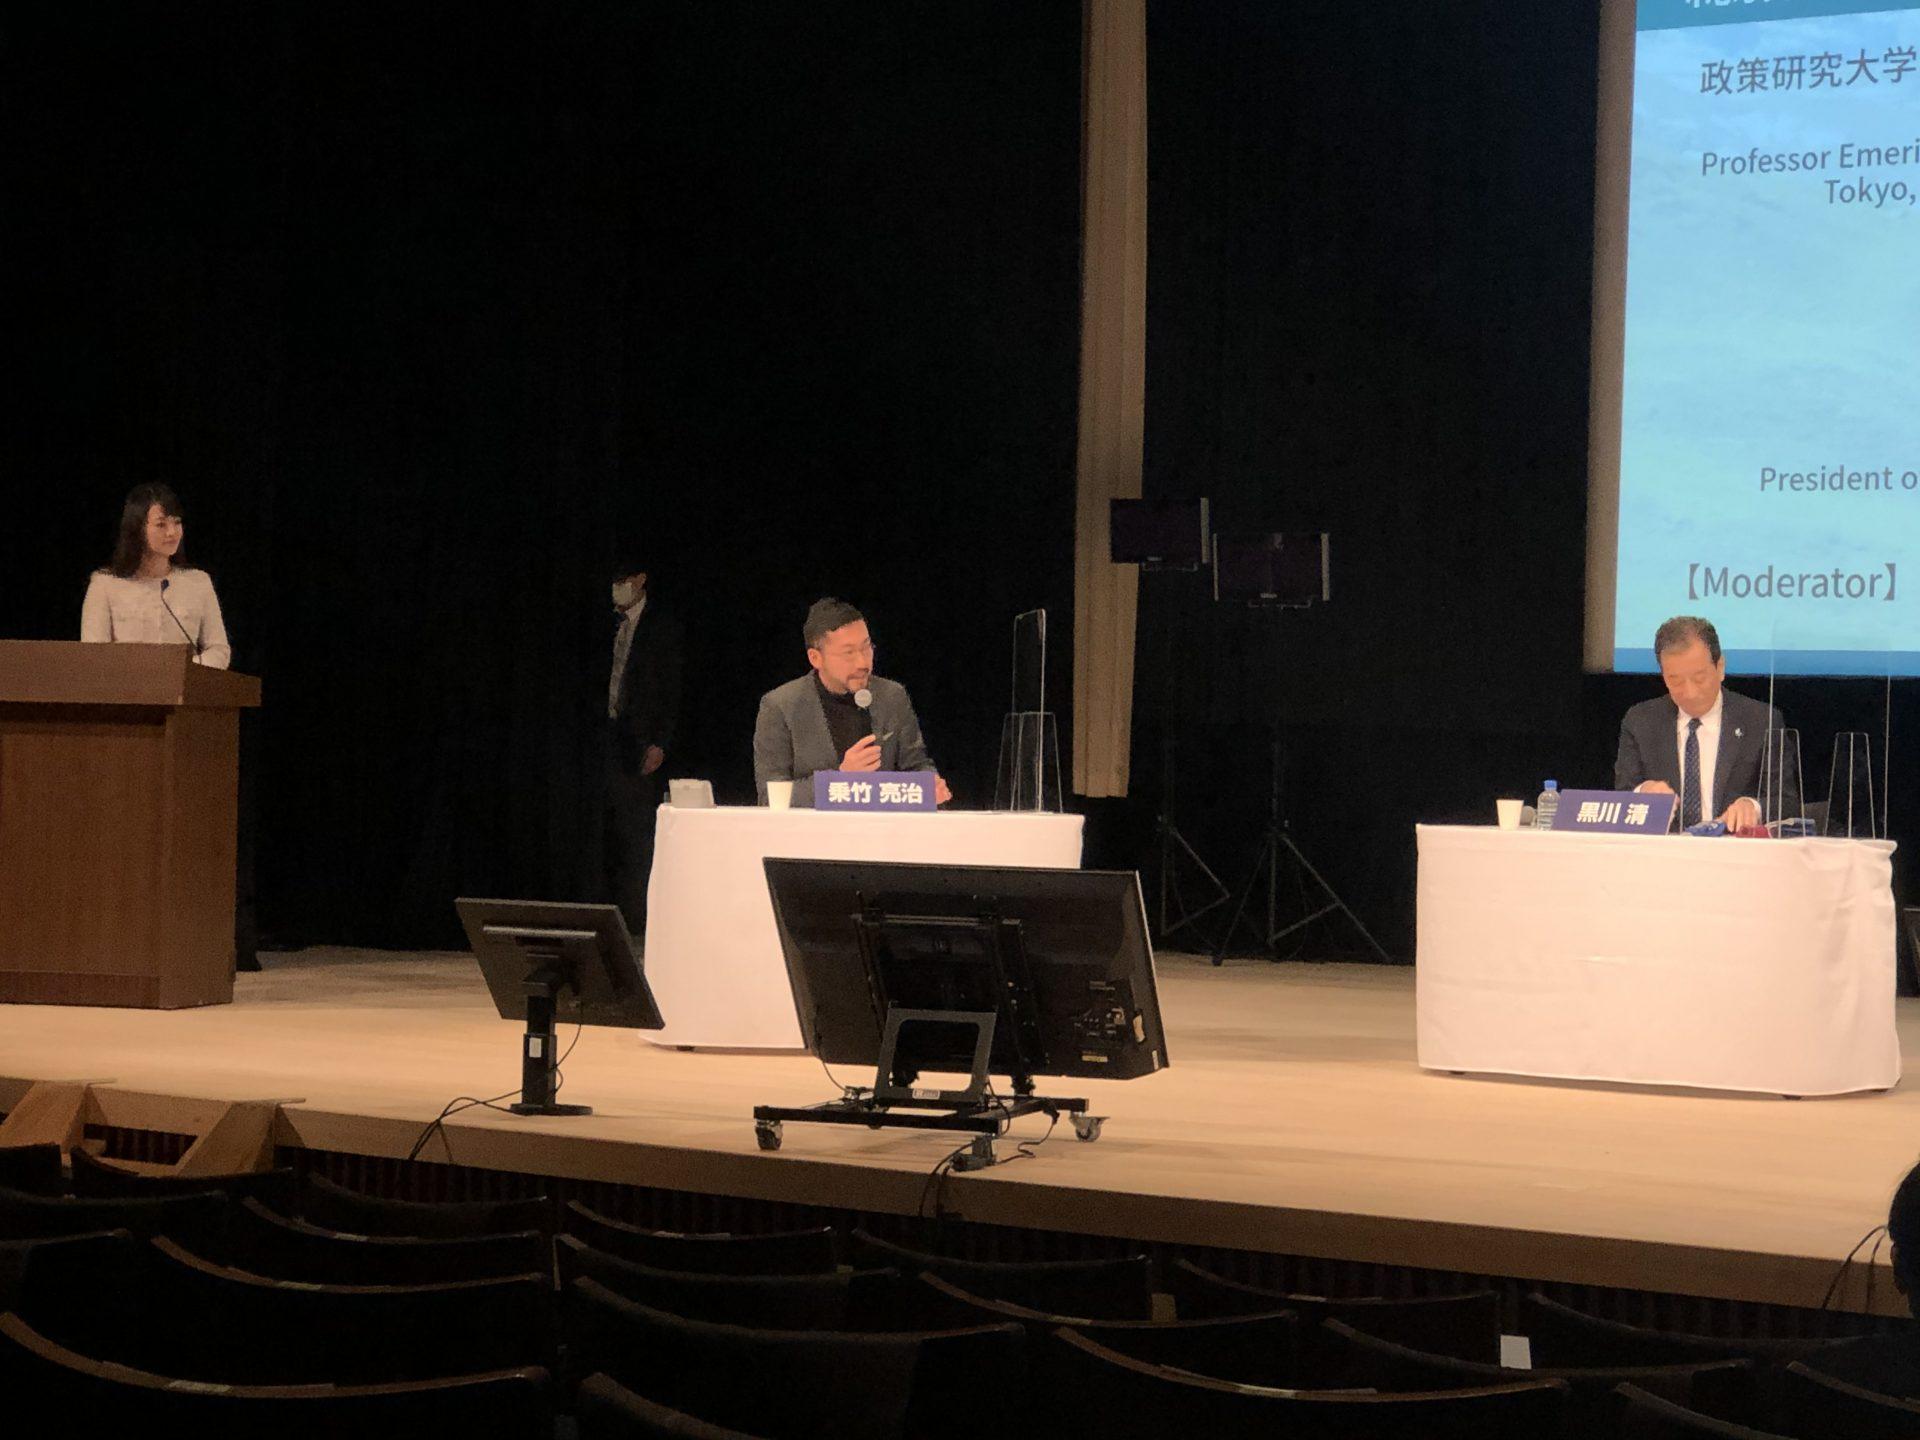 【講演報告】The 2nd Nikkei Super Active Ageing Society Conference 第2回 超高齢化社会の課題を解決するための国際会議(2020年11月16日)